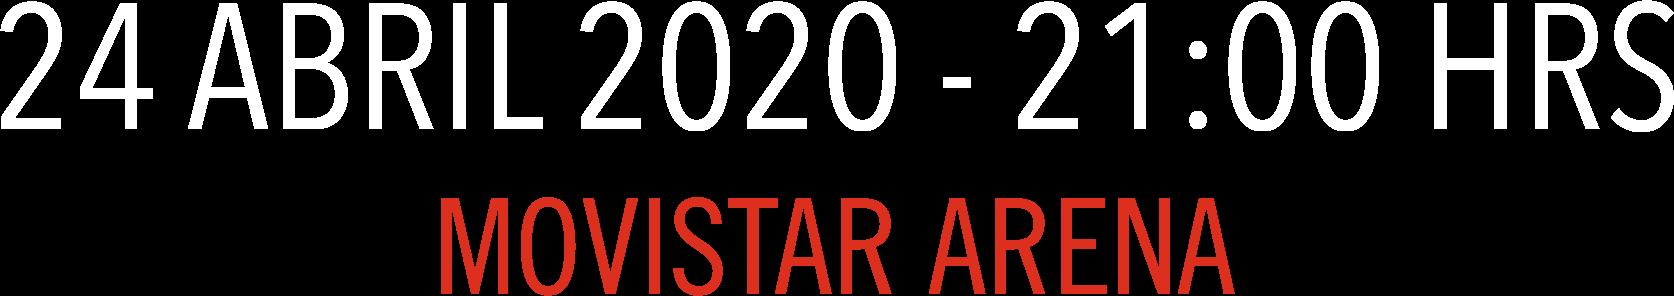 24 de abril 2020 en Movistar Arena. ¡Reserva ahora tu entrada!